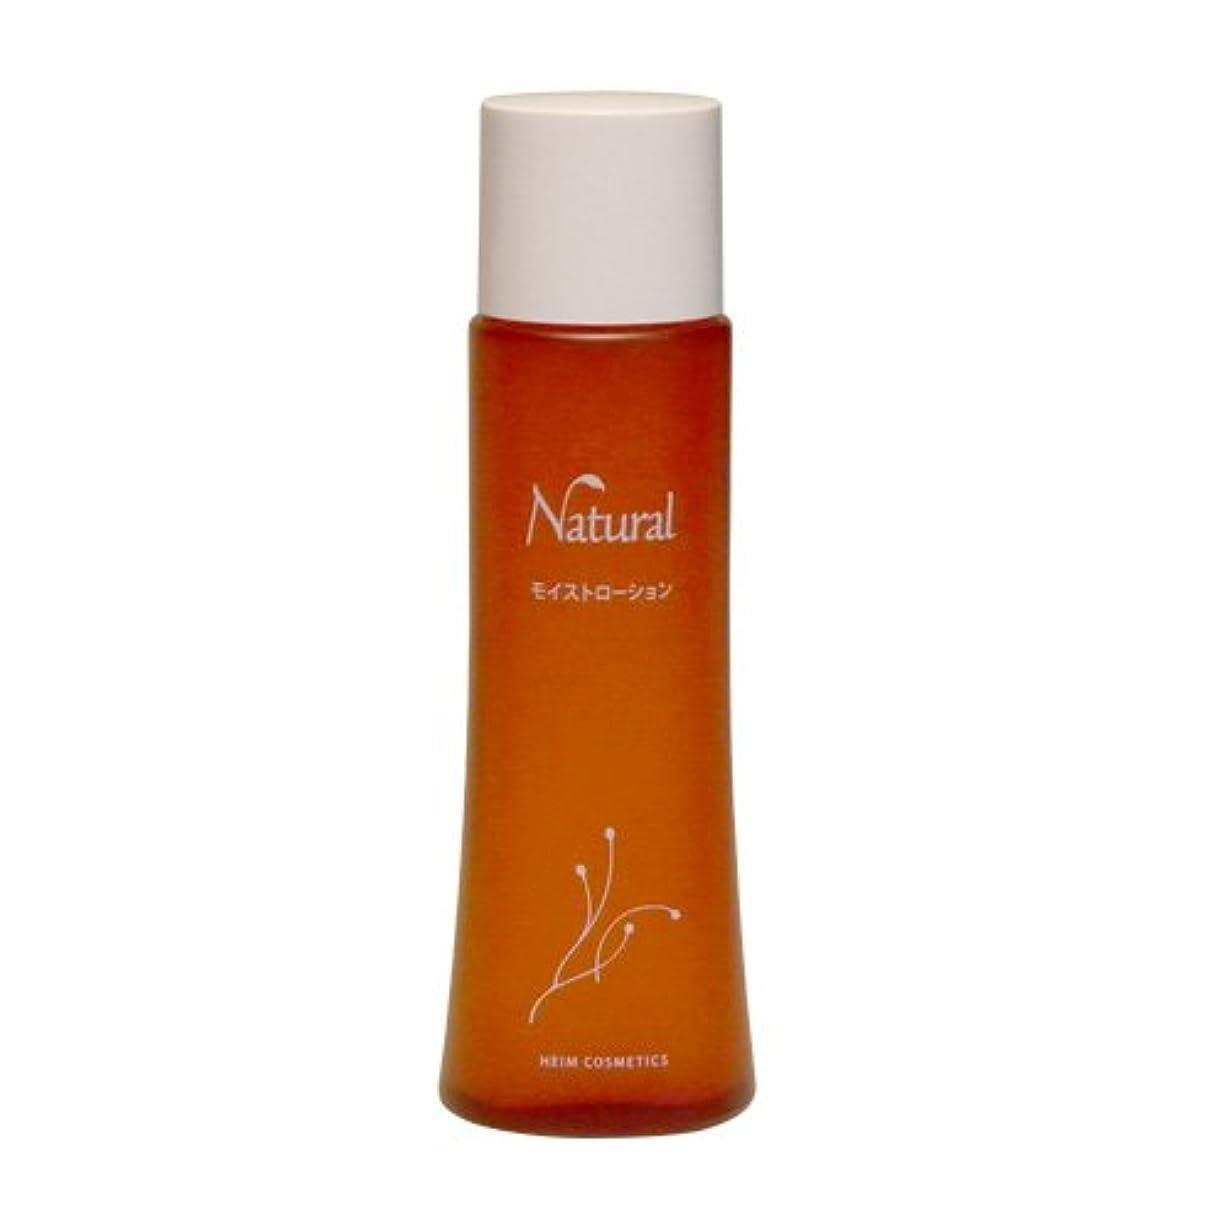 熱心な降ろす良性ハイム ナチュラル モイストローション 保湿化粧水 120ml